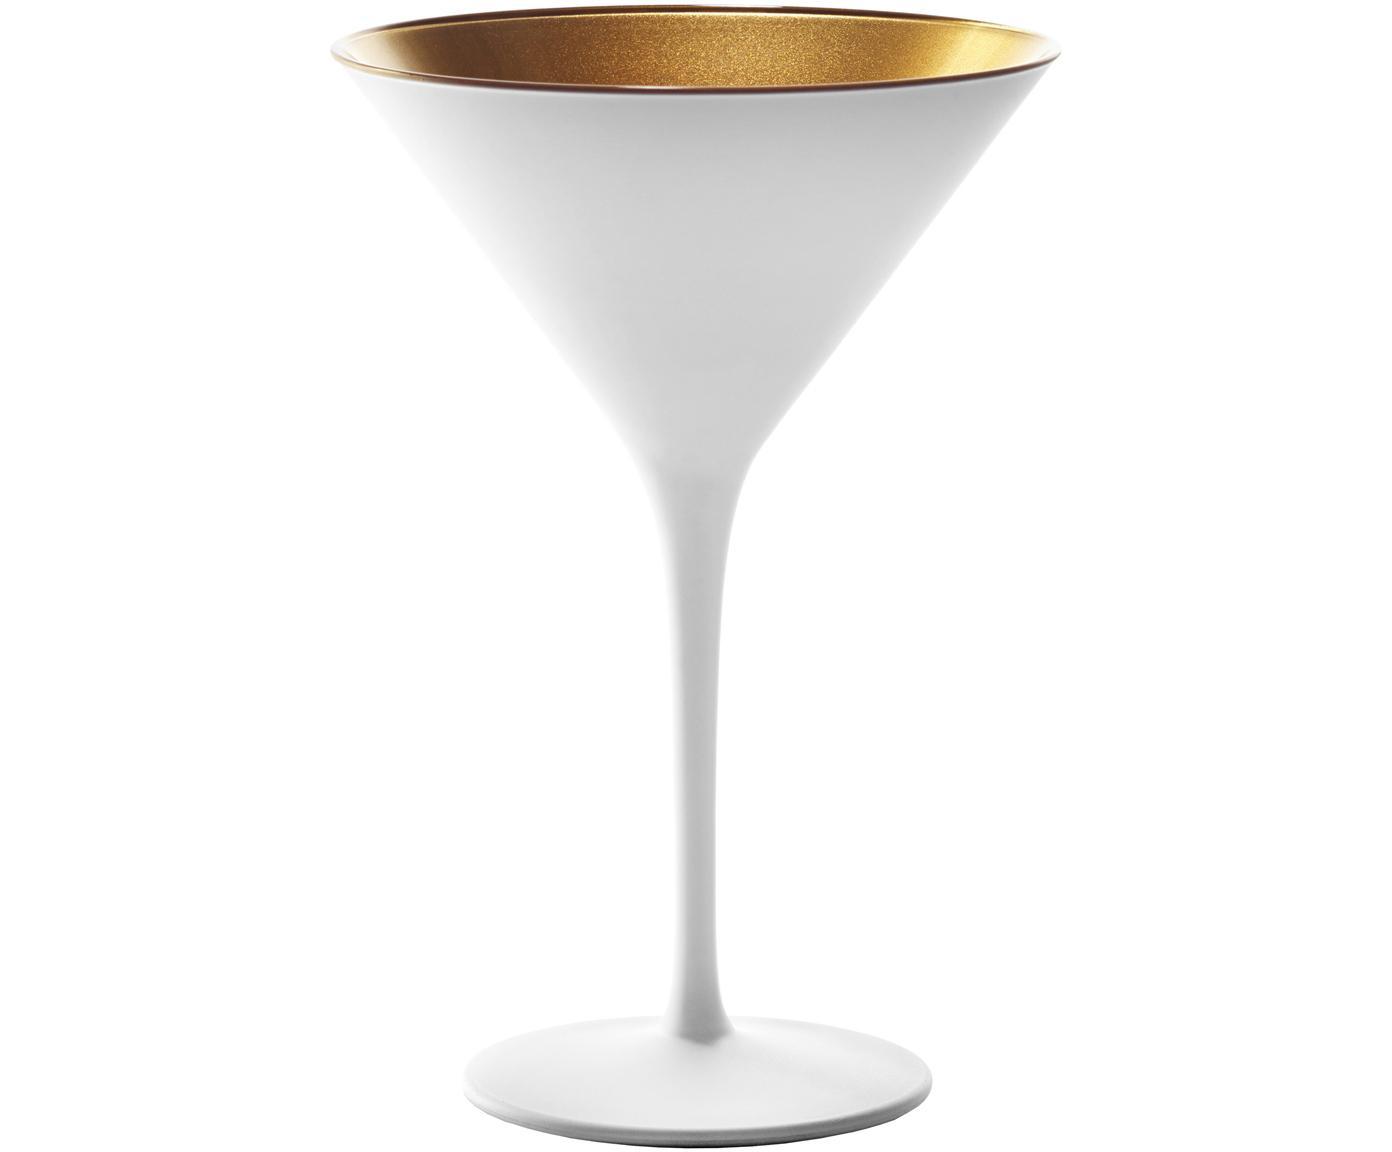 Kryształowe kieliszki do koktajli Elements, 6 szt., Szkło kryształowe, powlekany, Biały, odcienie mosiądzu, Ø 12 x W 17 cm